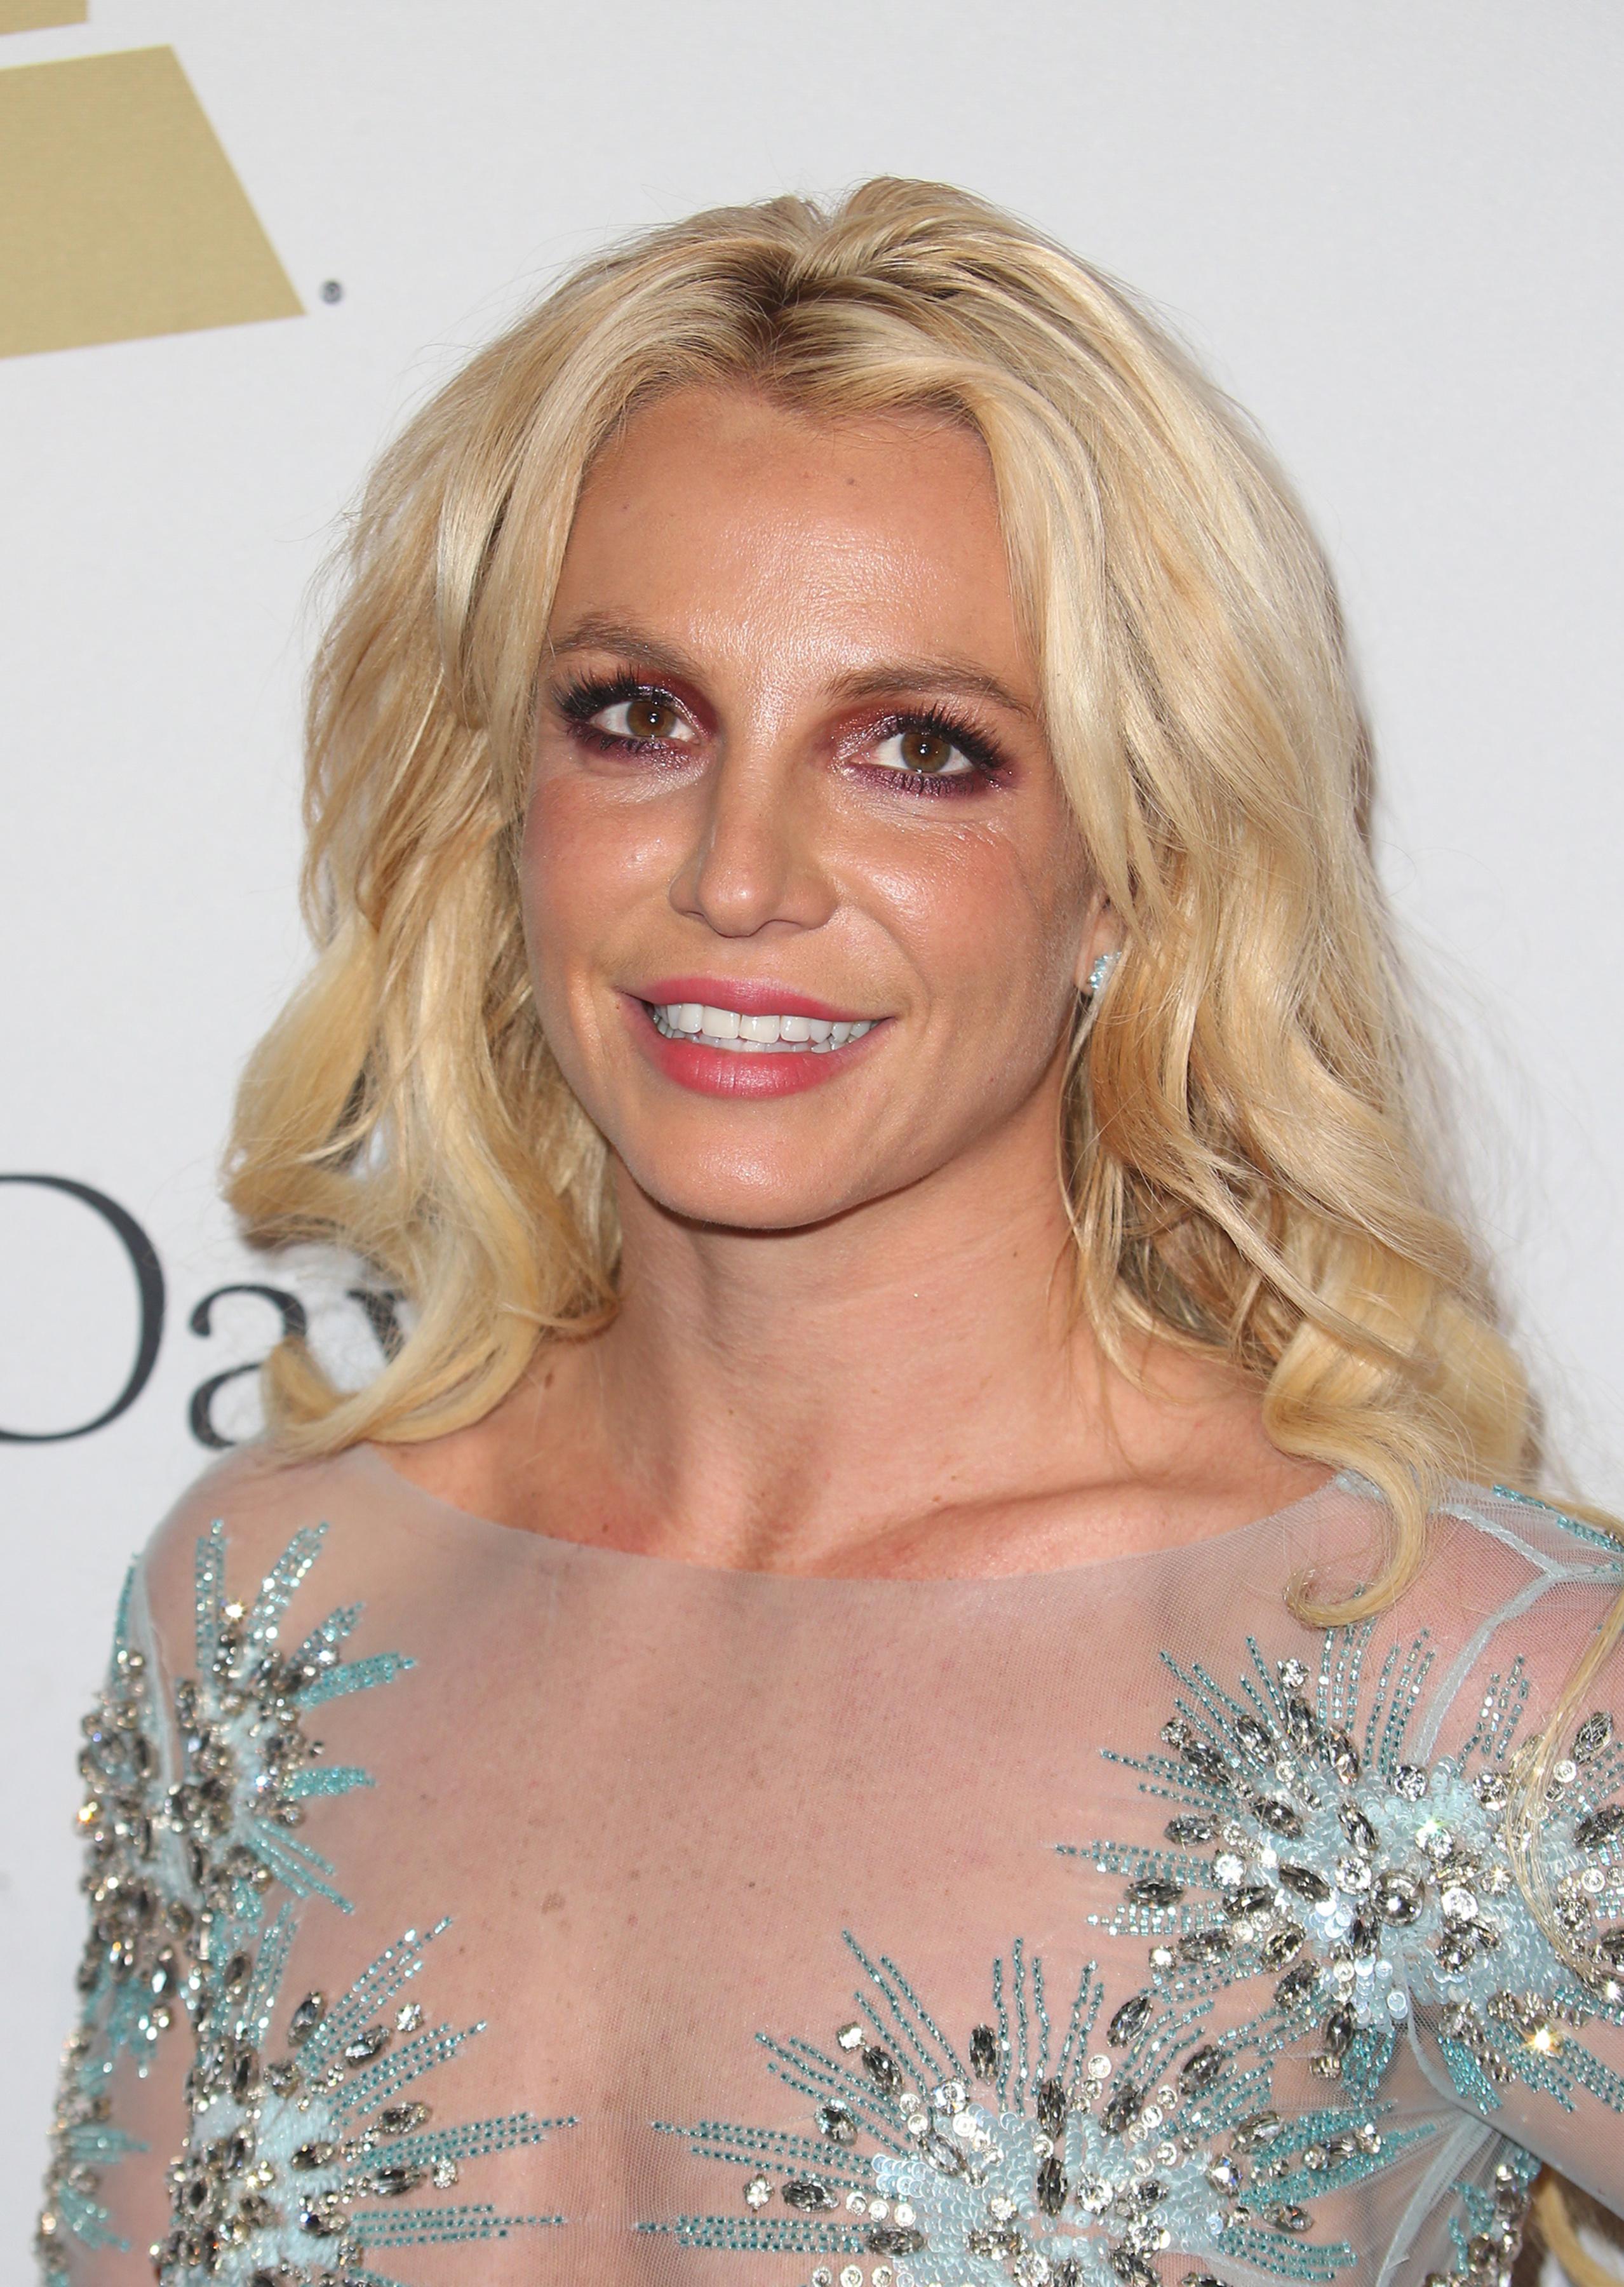 Η Britney Spears αποφάσισε να σταματήσει να βάφεται!